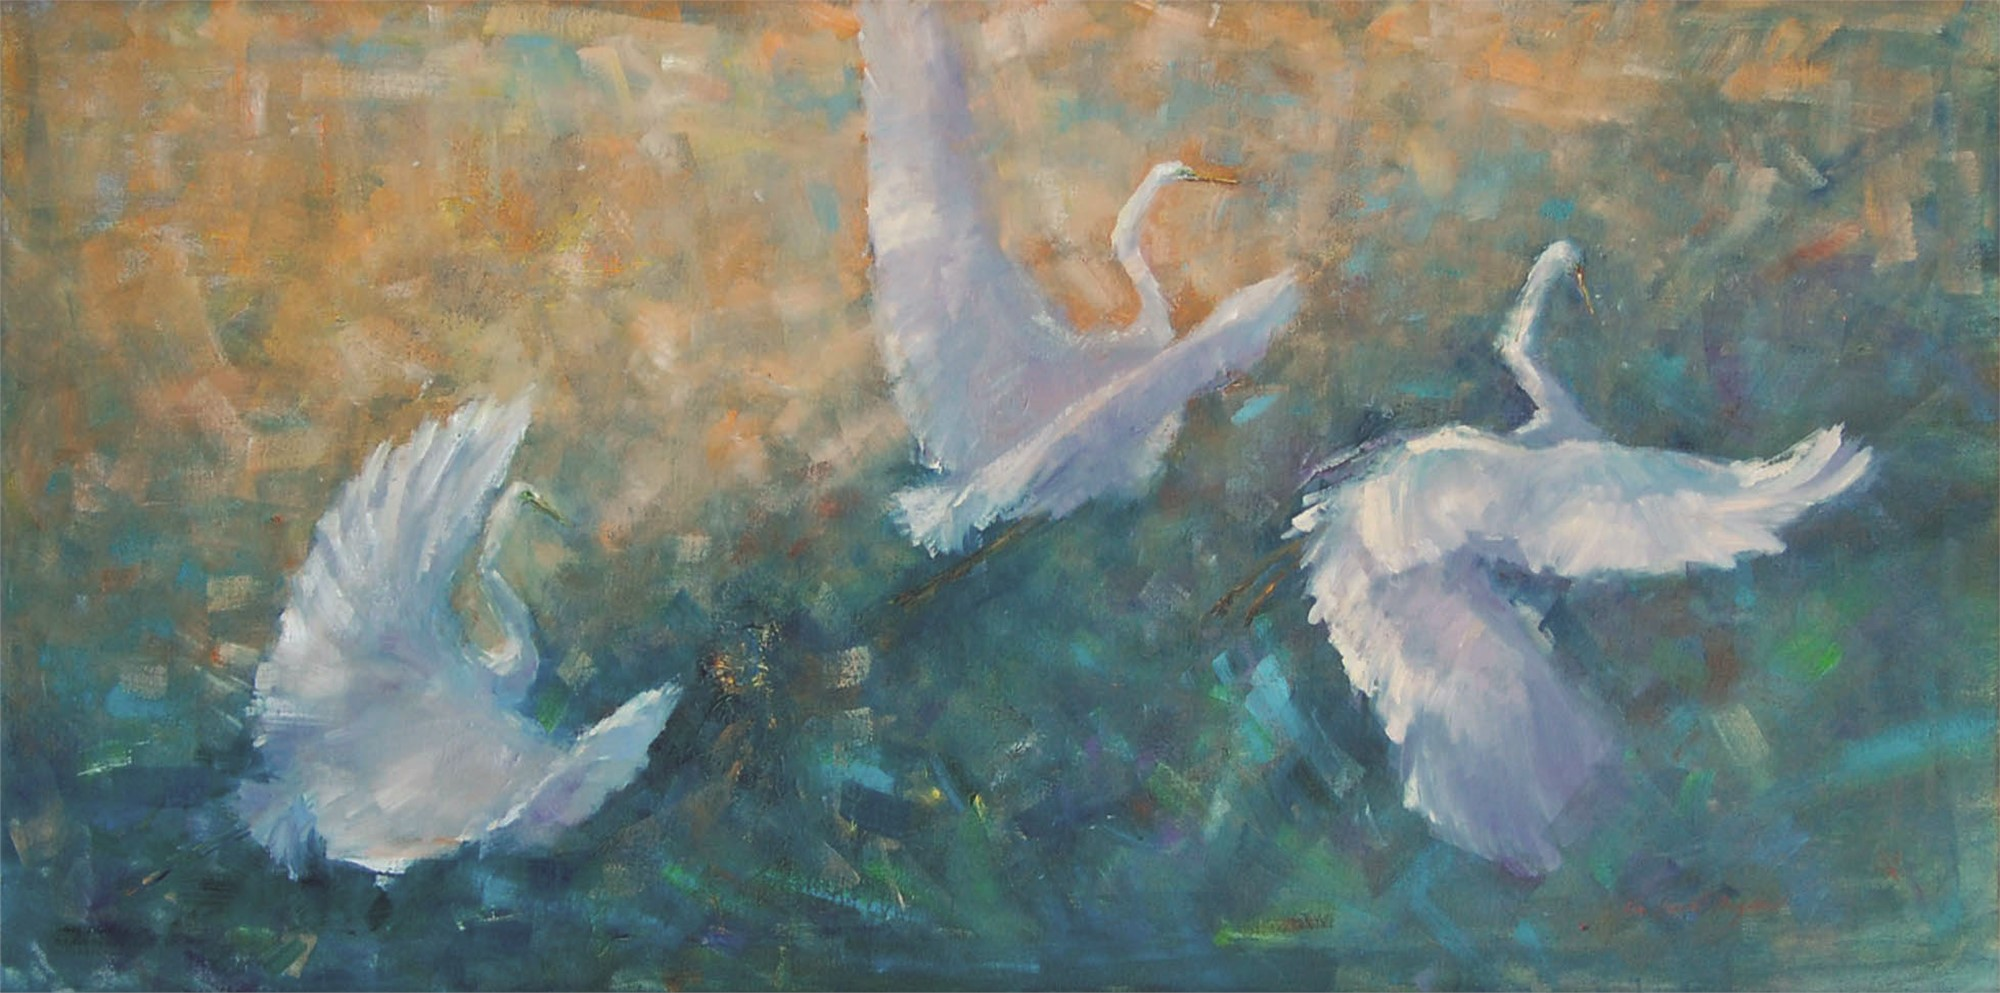 In Flight by Karen Hewitt Hagan